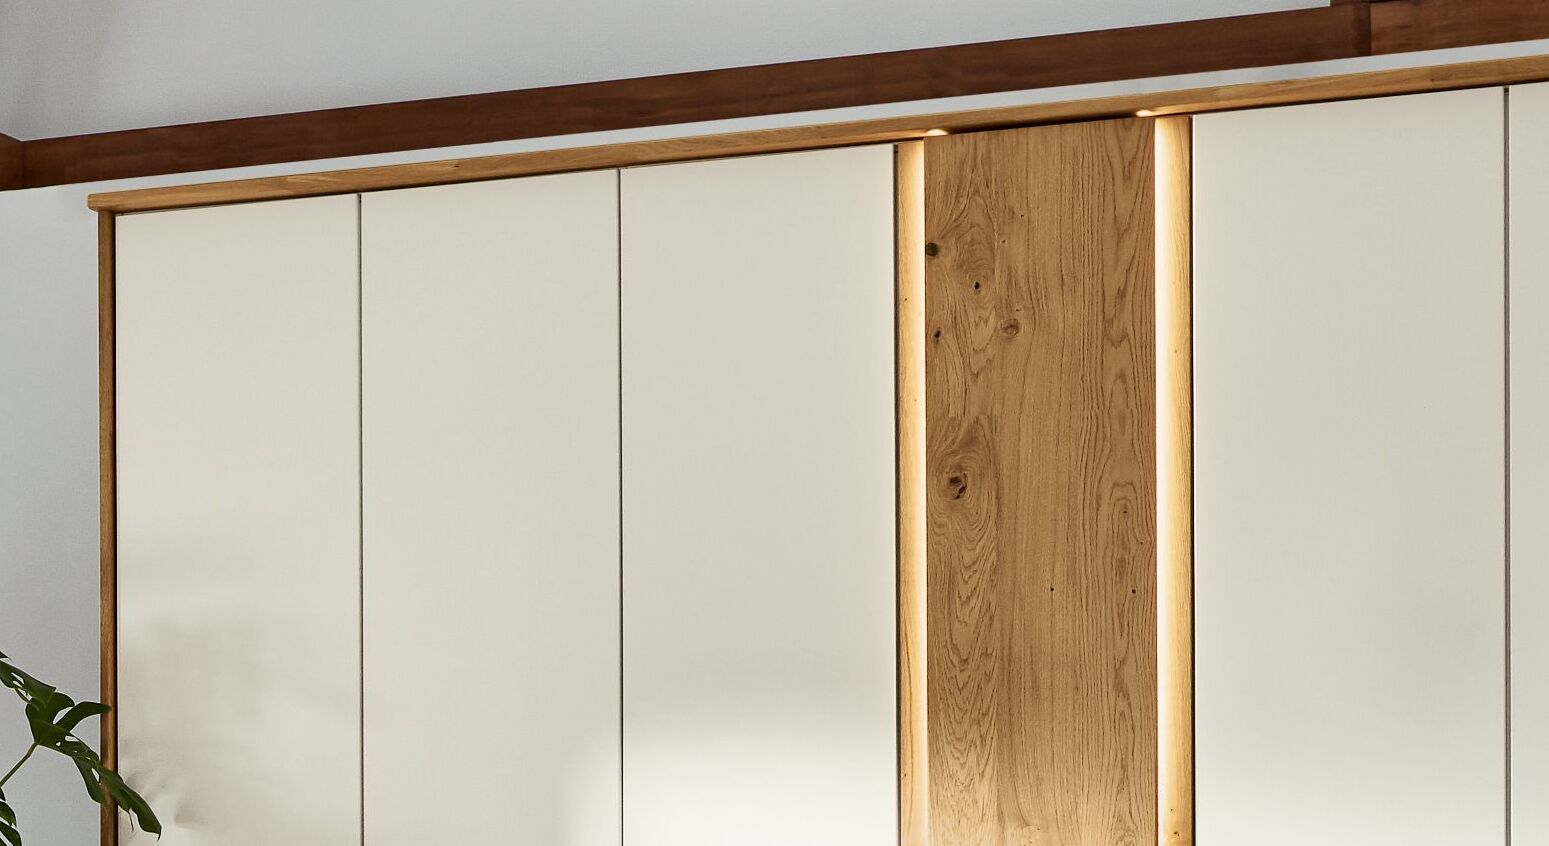 Musterring Drehtüren-Kleiderschrank Saphira Weiß mit eleganter Eichenholztür